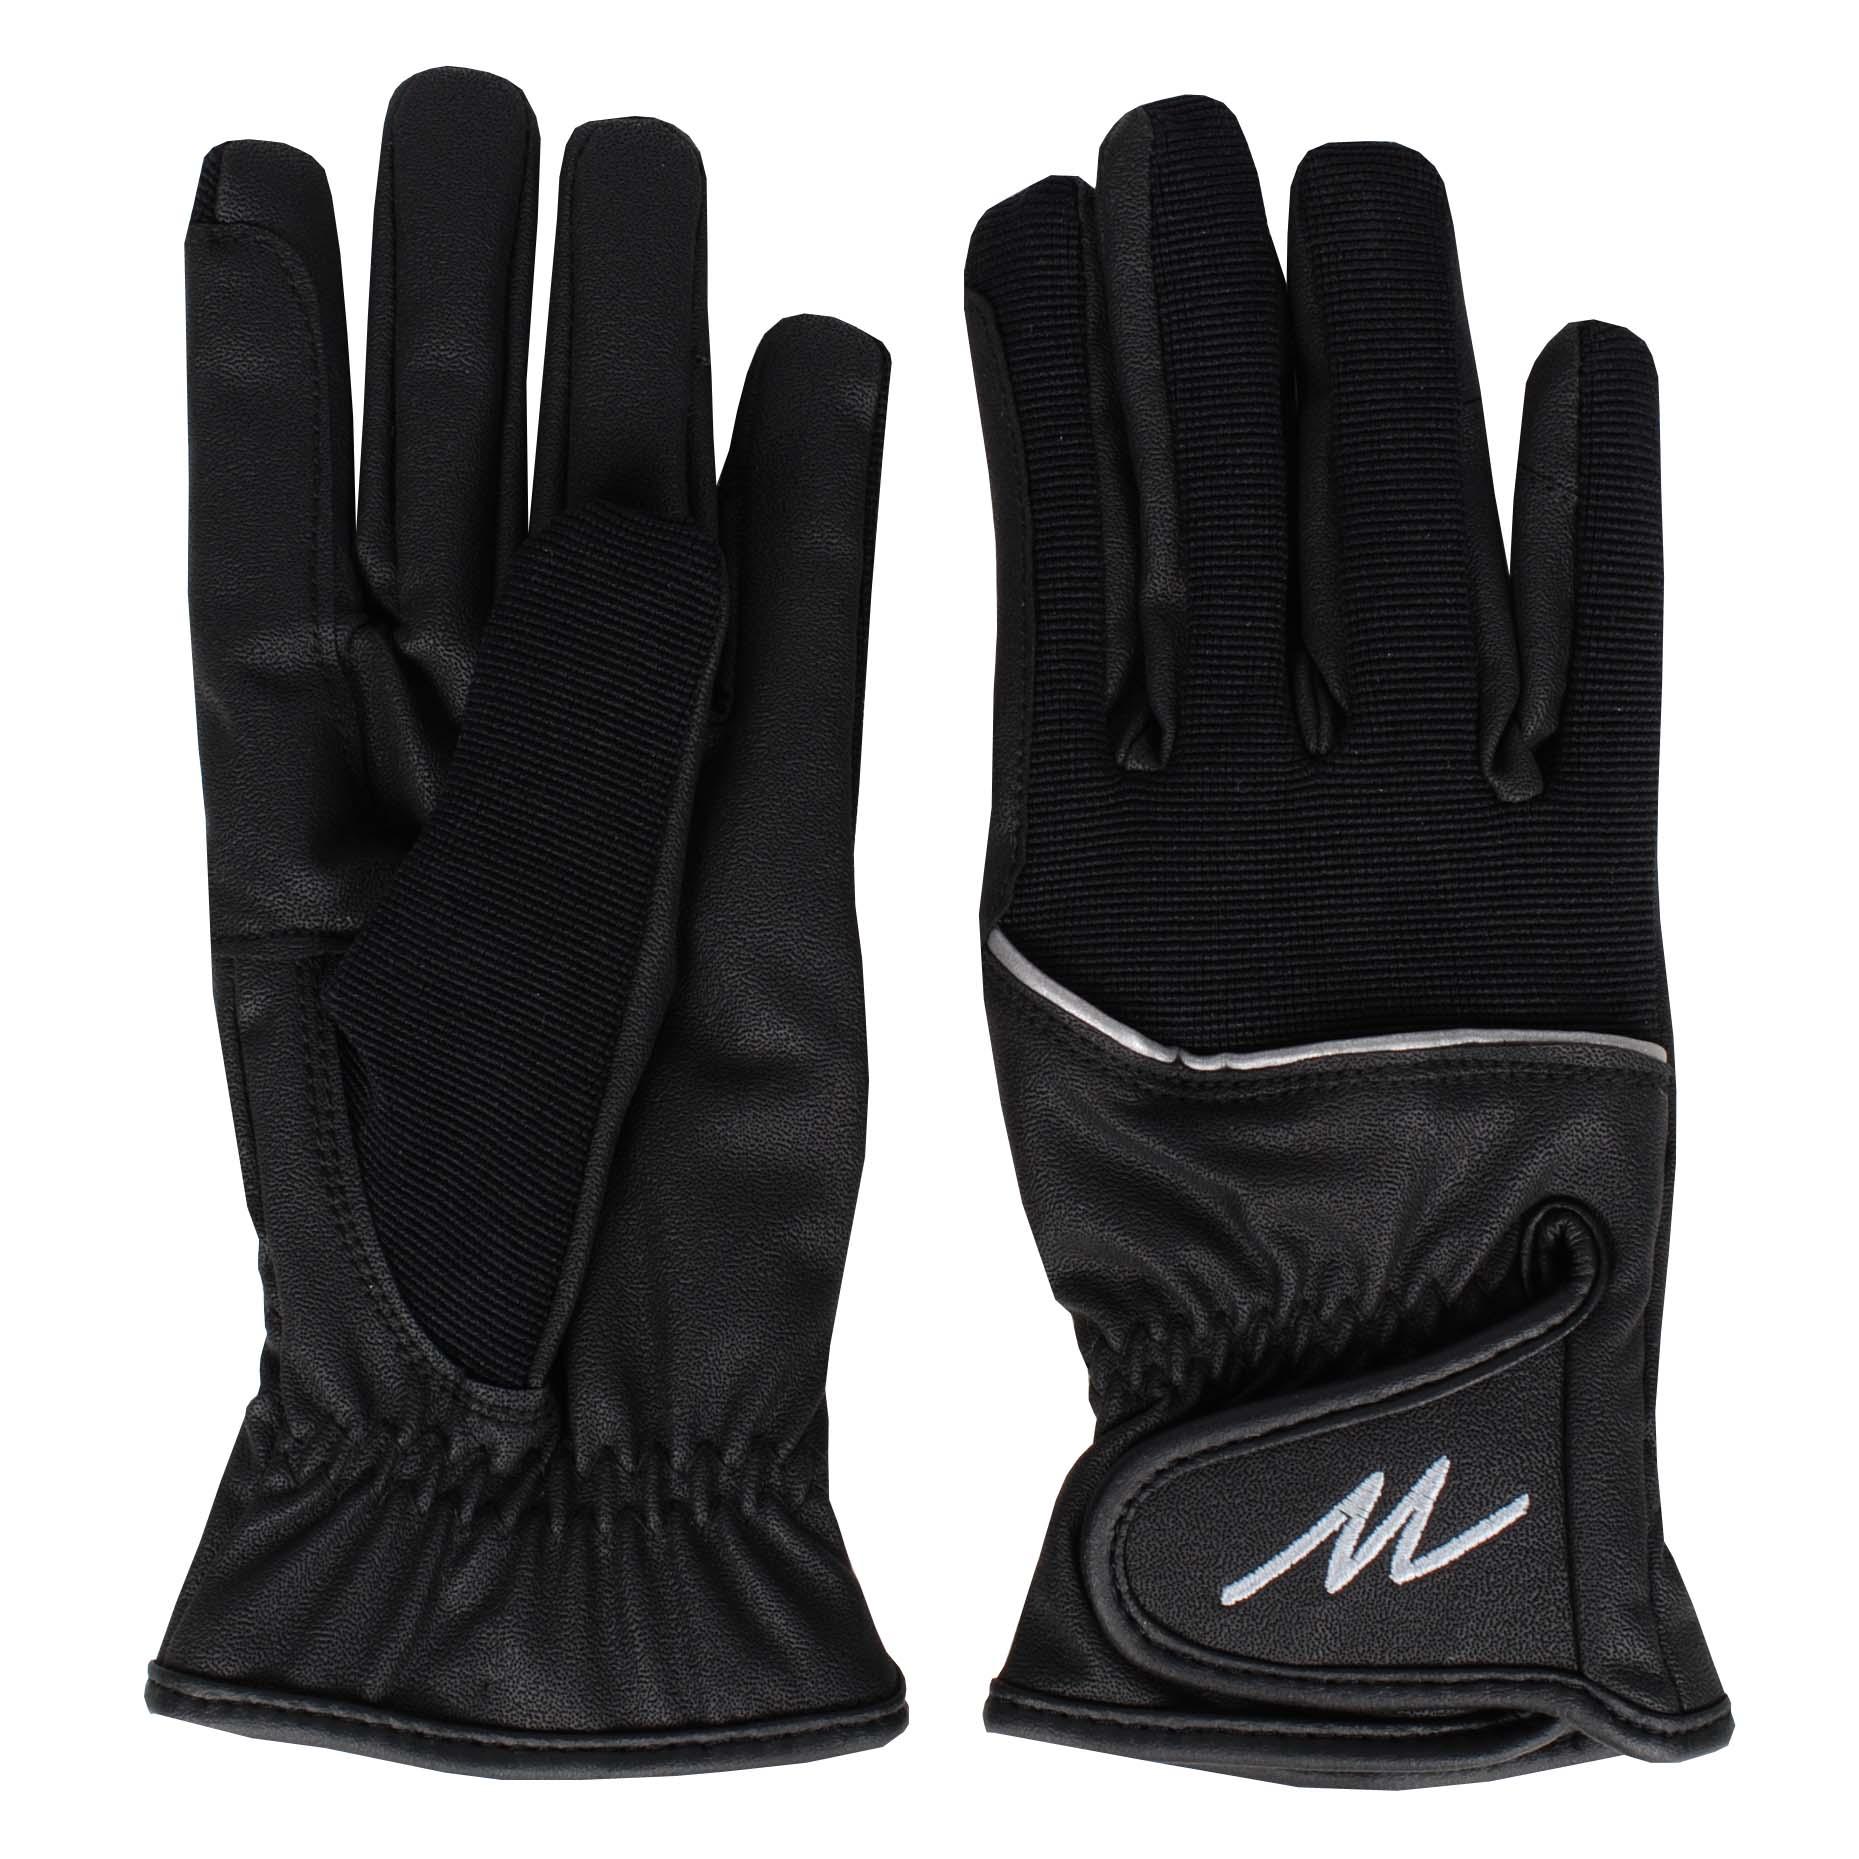 Mondoni Mendoza winter handschoenen zwart maat:xs